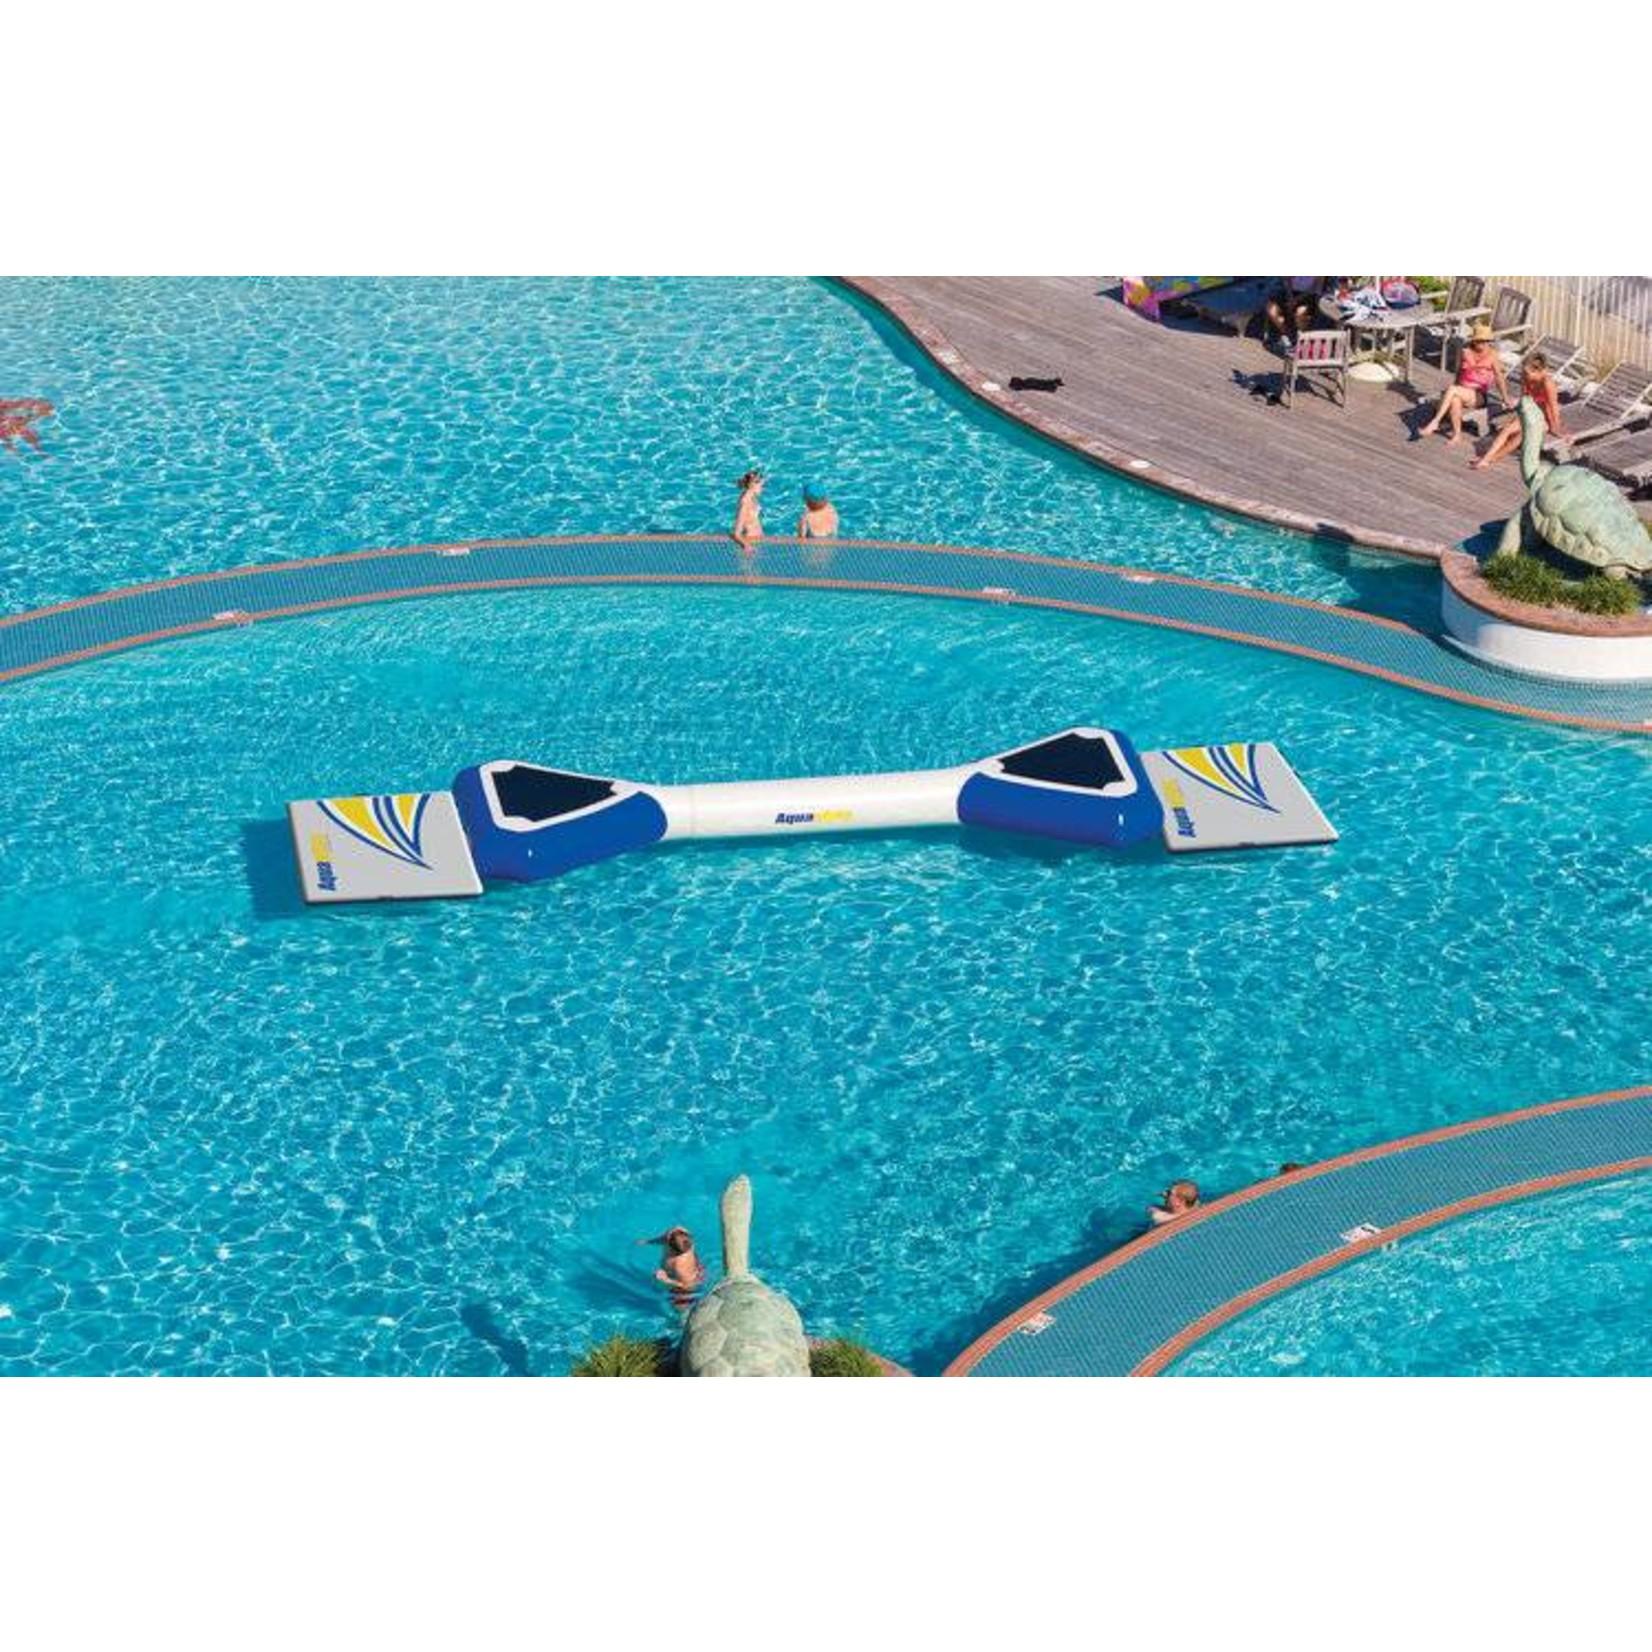 Aquaglide  Foxtrot - Evenwichtsbalk